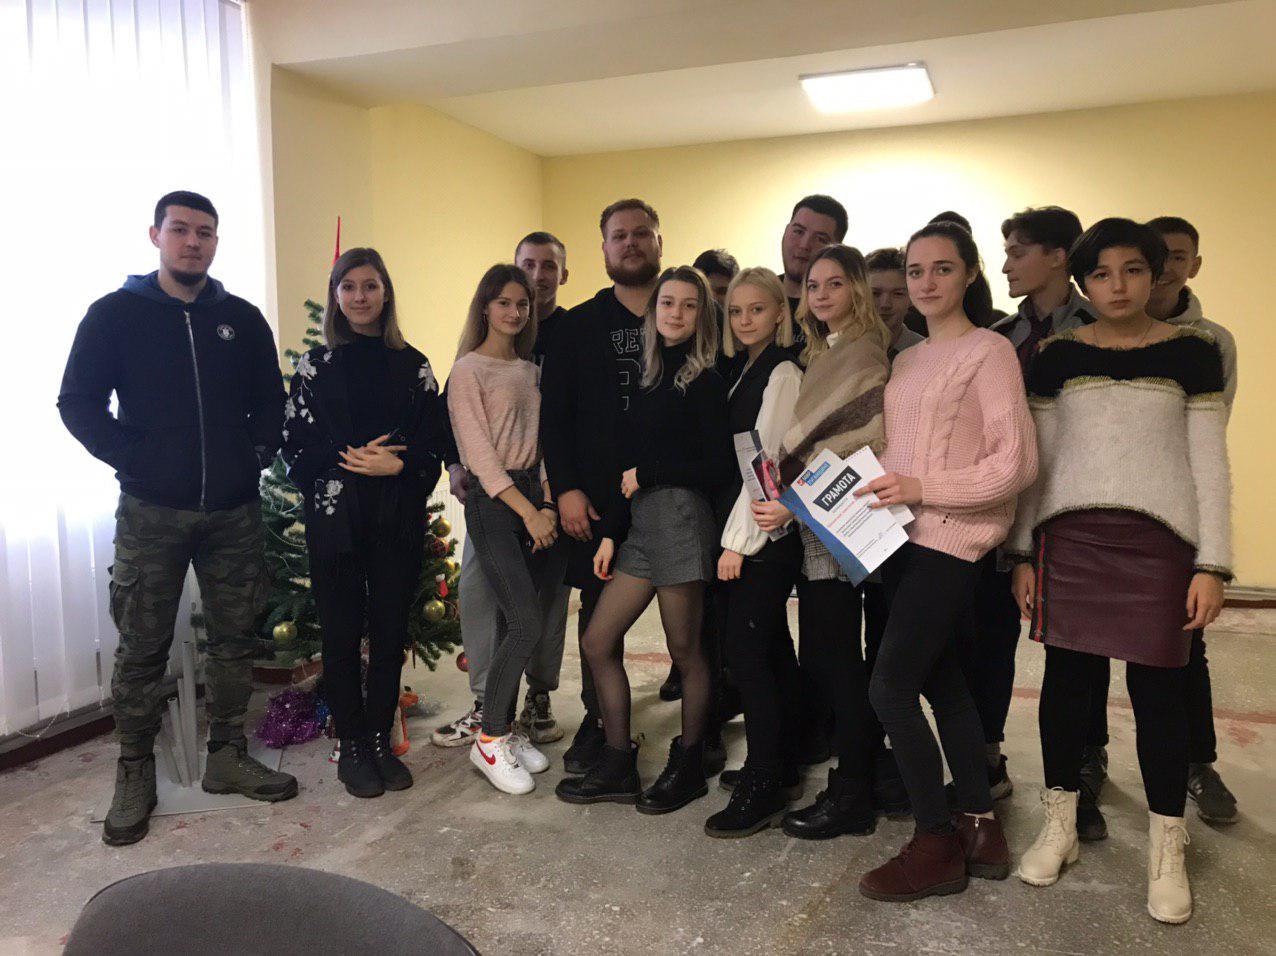 Активисты проектов «Молодая гвардия» и «Дружина» Стаханова подвели итоги работы за год